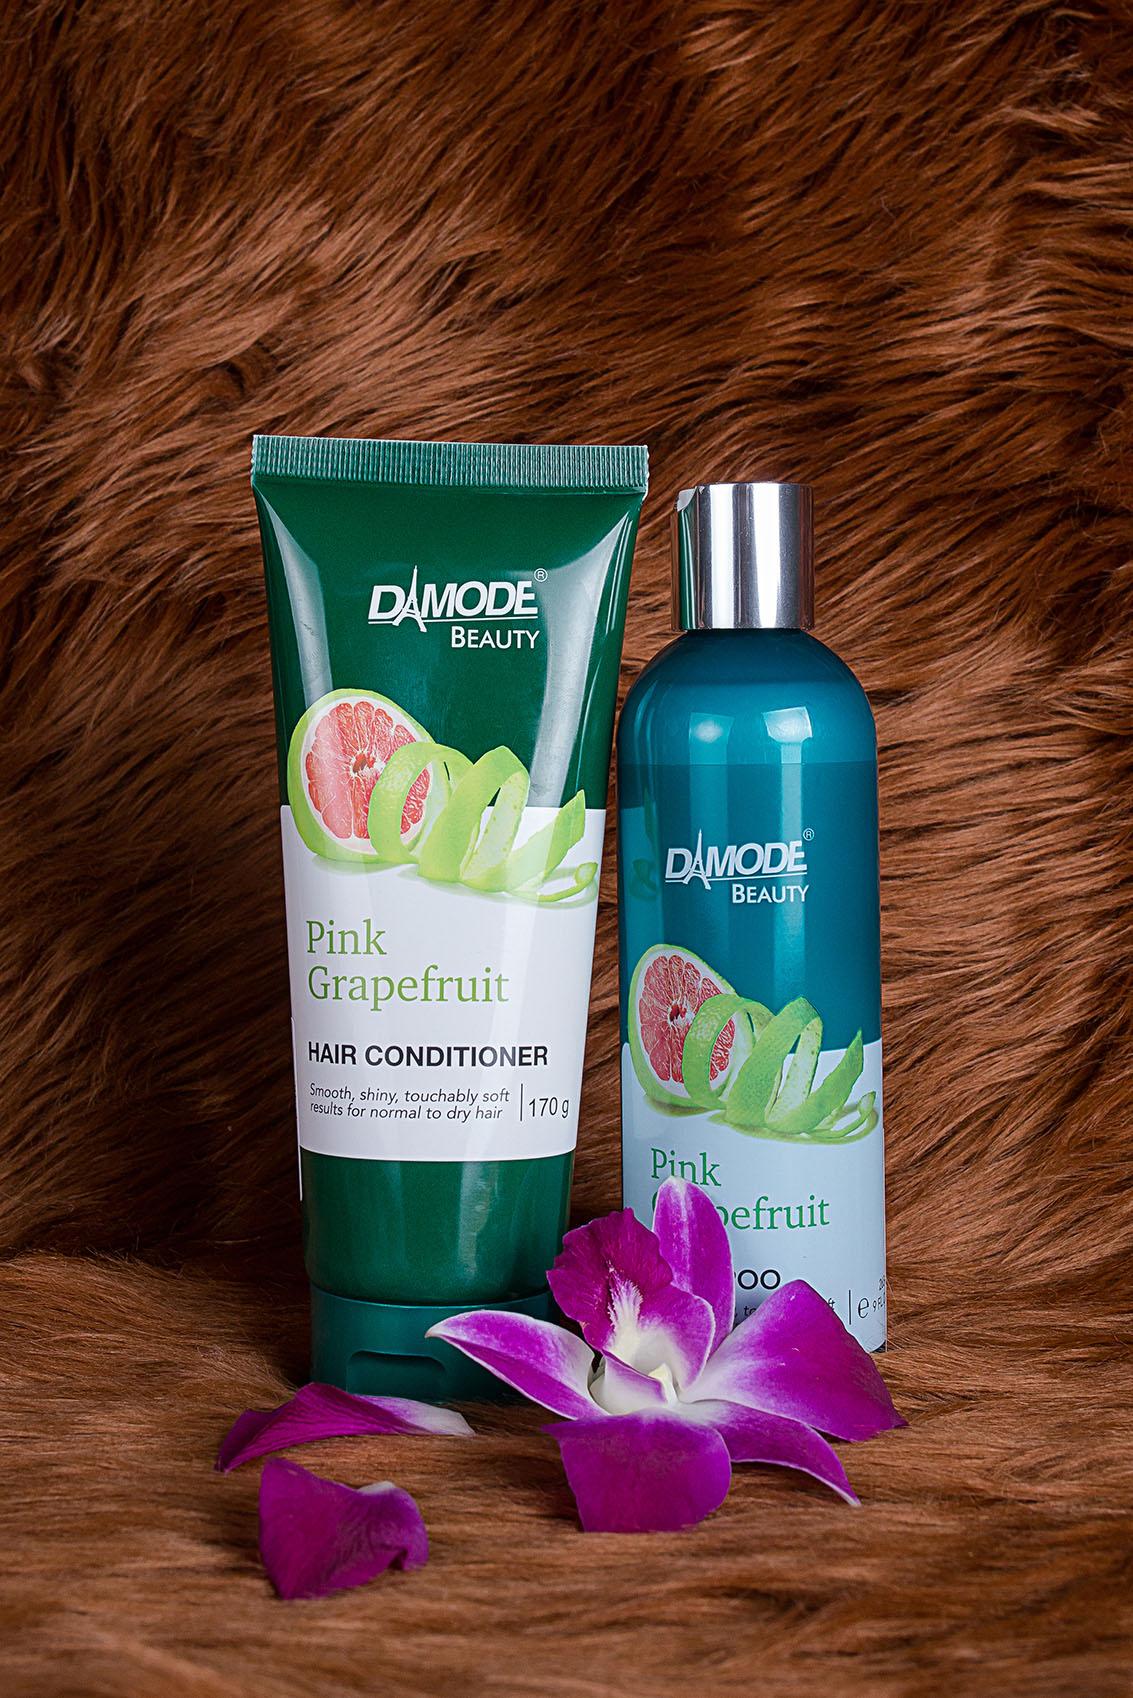 Dầu Gội Tinh Chất Bưởi - PINK GRAPEFRUIT SHAMPOO (chống rụng, nuôi dưỡng da đầu, kích thích mọc tóc)